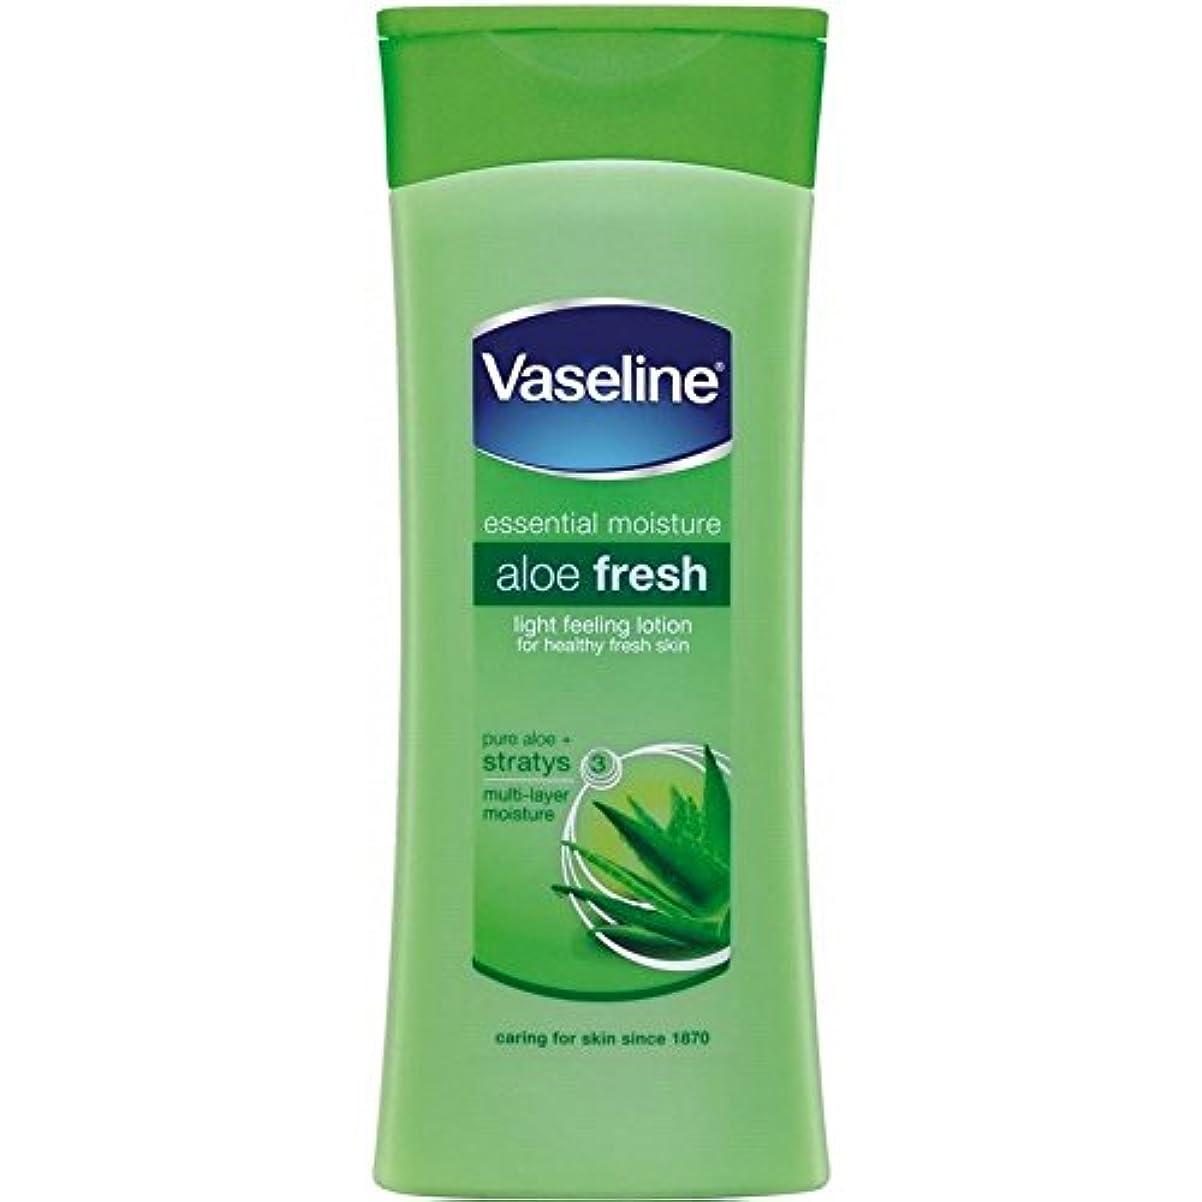 繰り返したリラックス型Vaseline Intensive Care Aloe Fresh Body Lotion (400ml) ワセリン集中治療アロエフレッシュボディローション( 400ミリリットル)